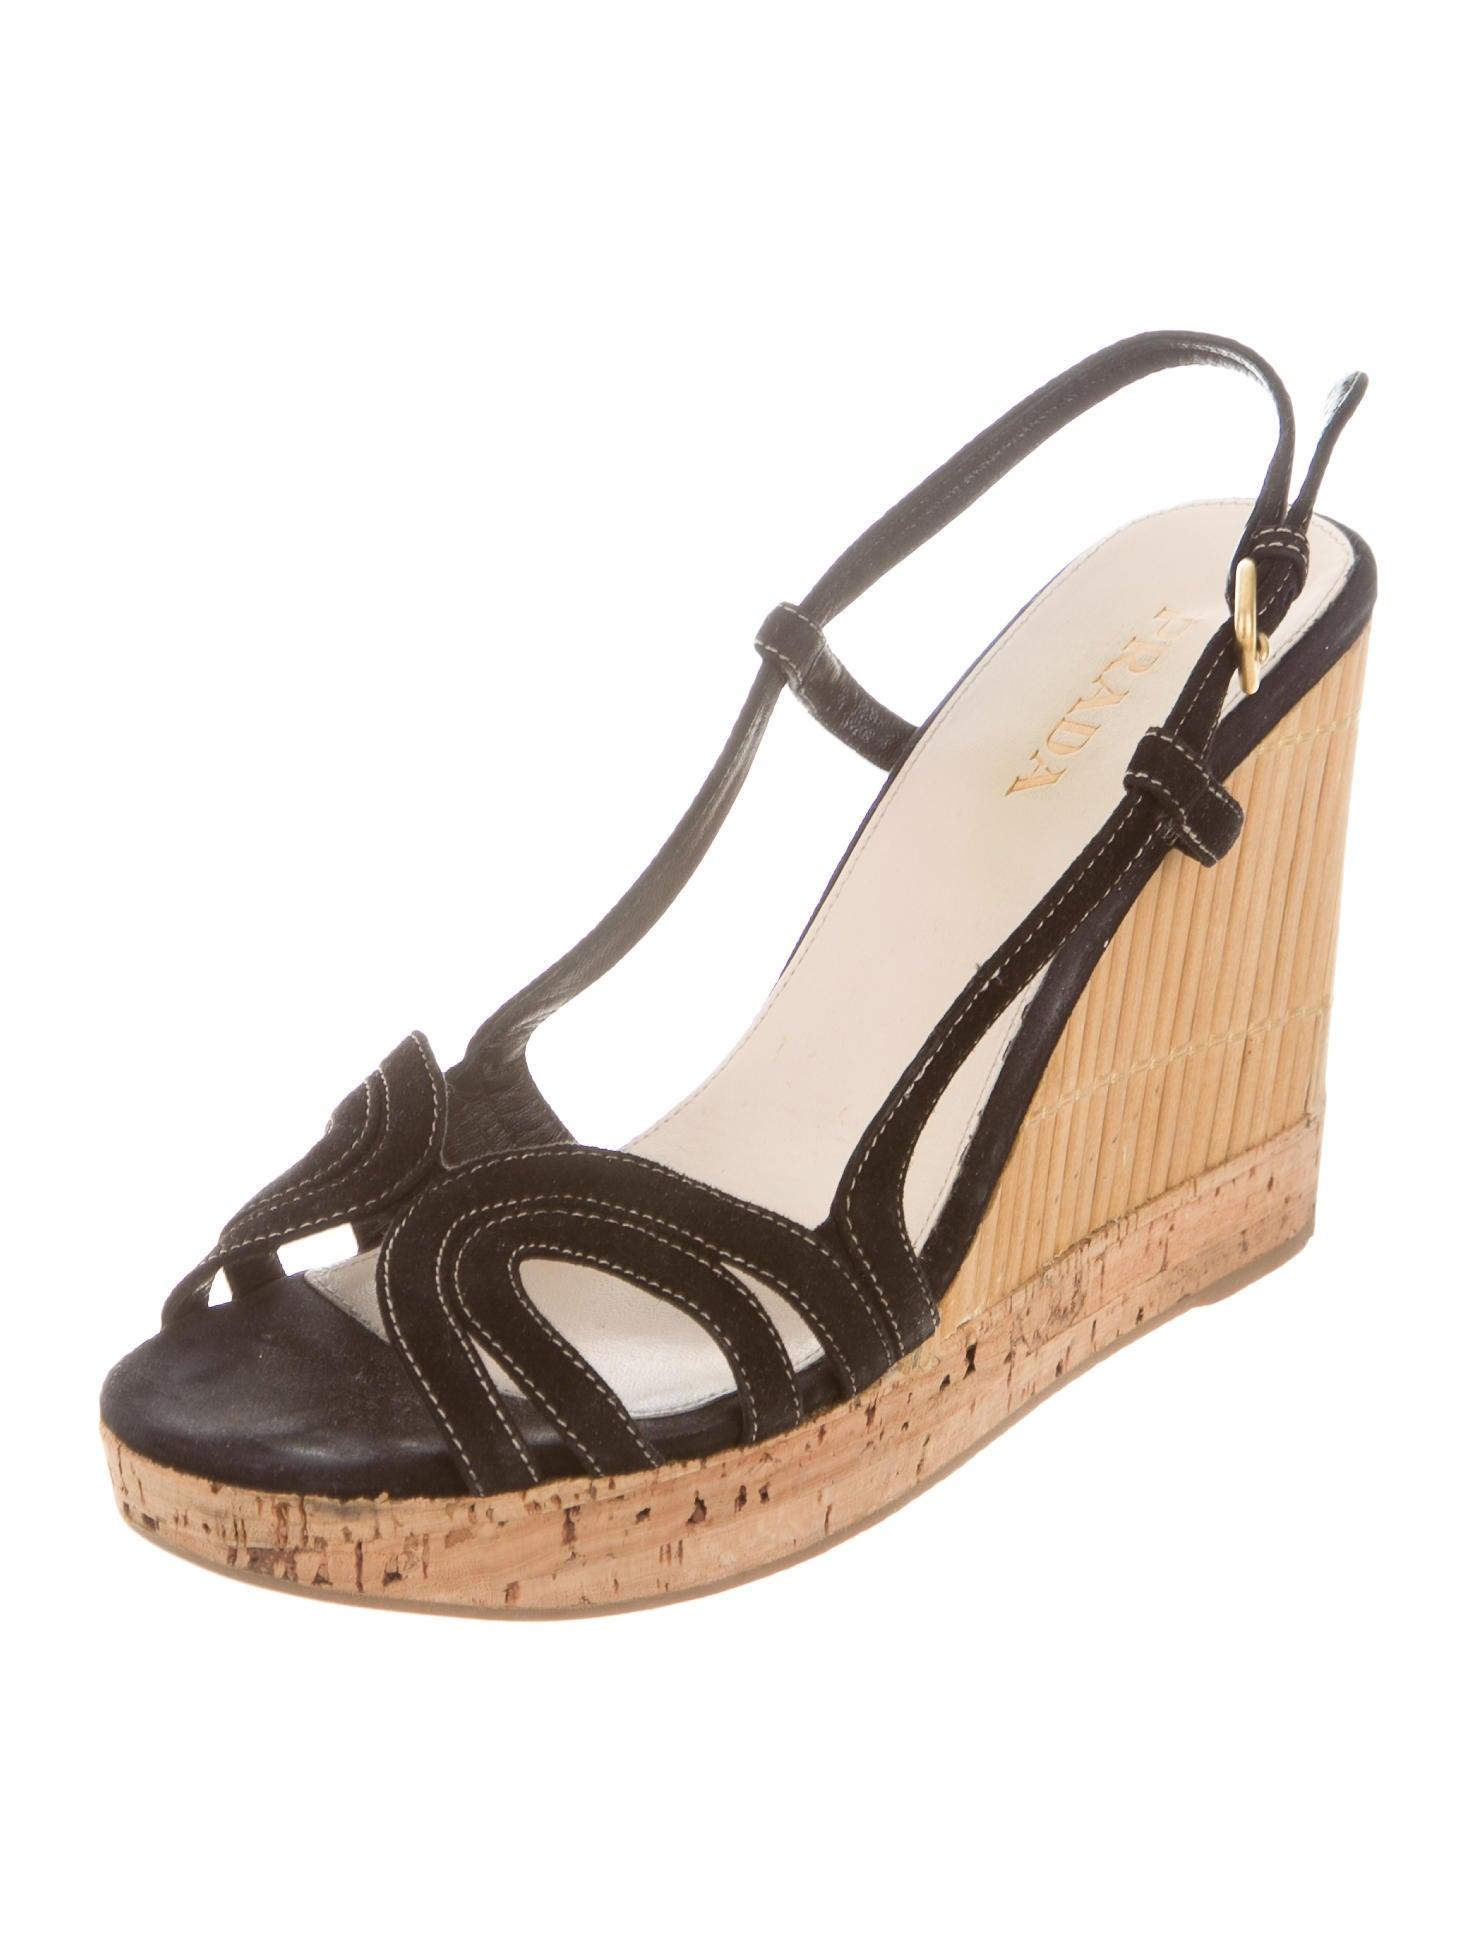 prada suede slingback wedges shoes pra105296 the